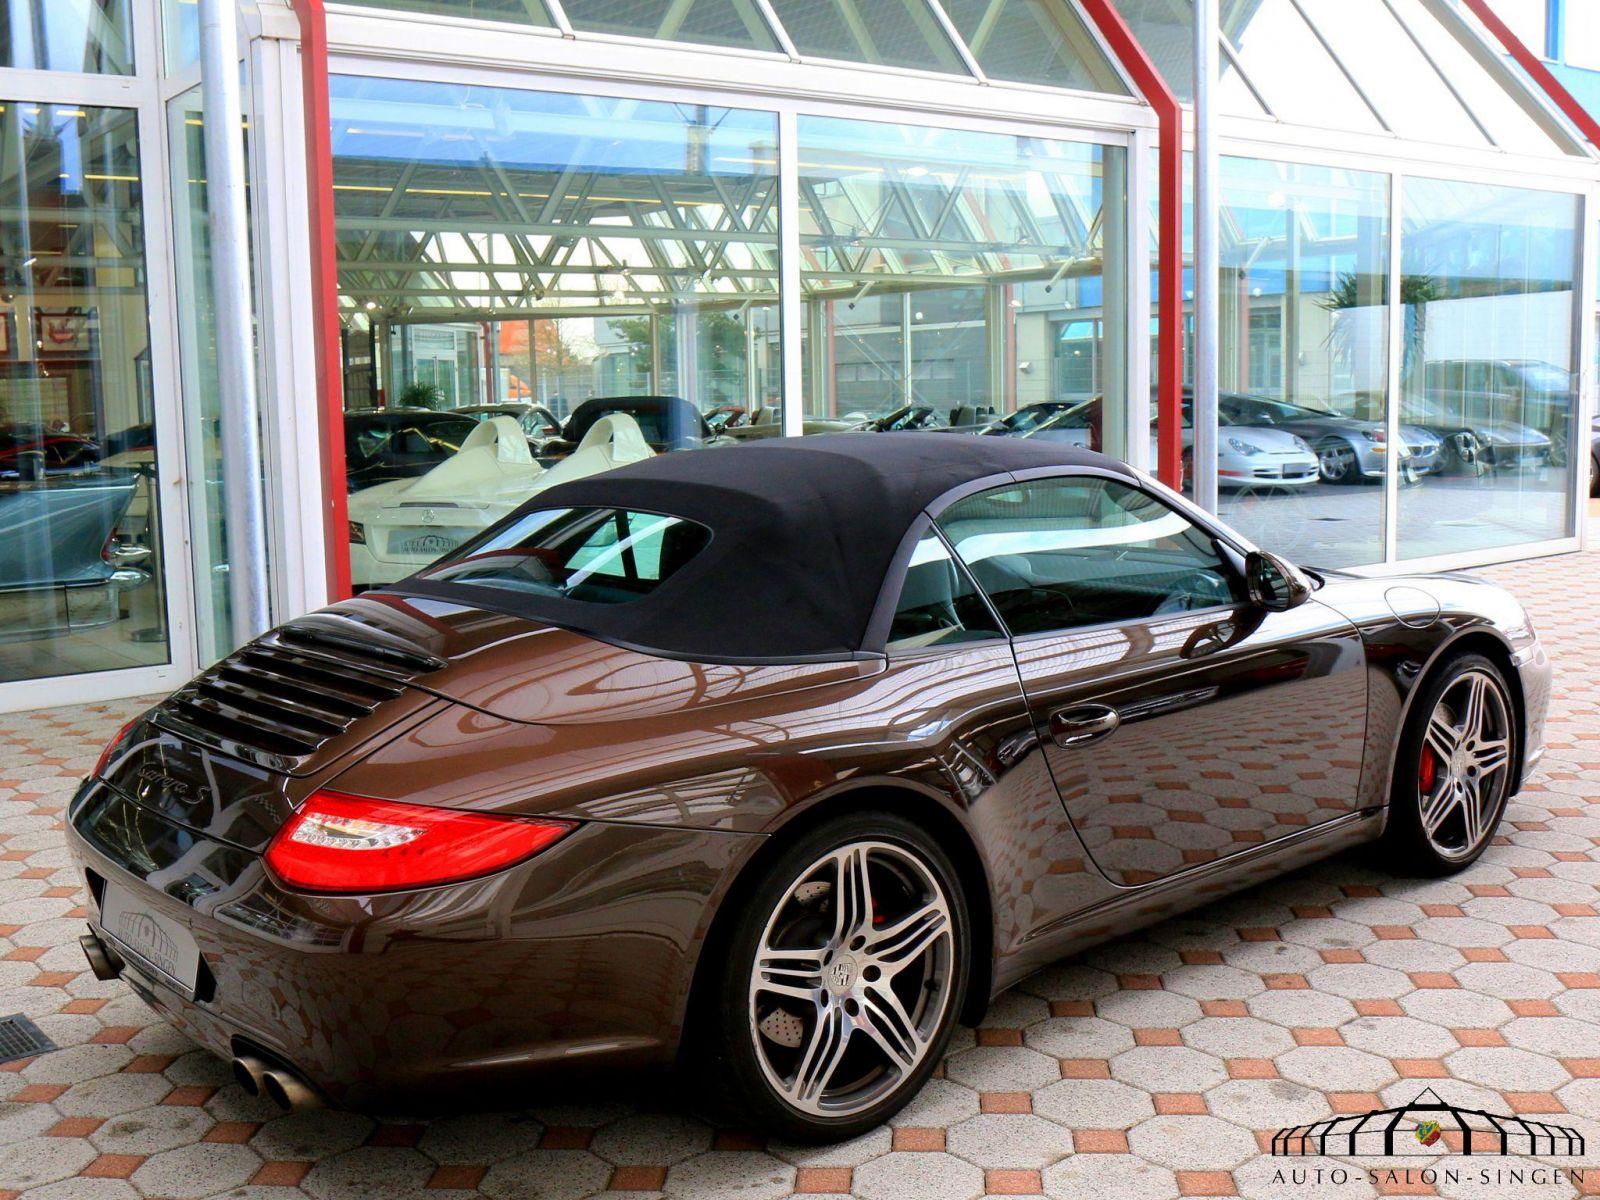 porsche 997 carrera s cabrio convertible auto salon singen. Black Bedroom Furniture Sets. Home Design Ideas